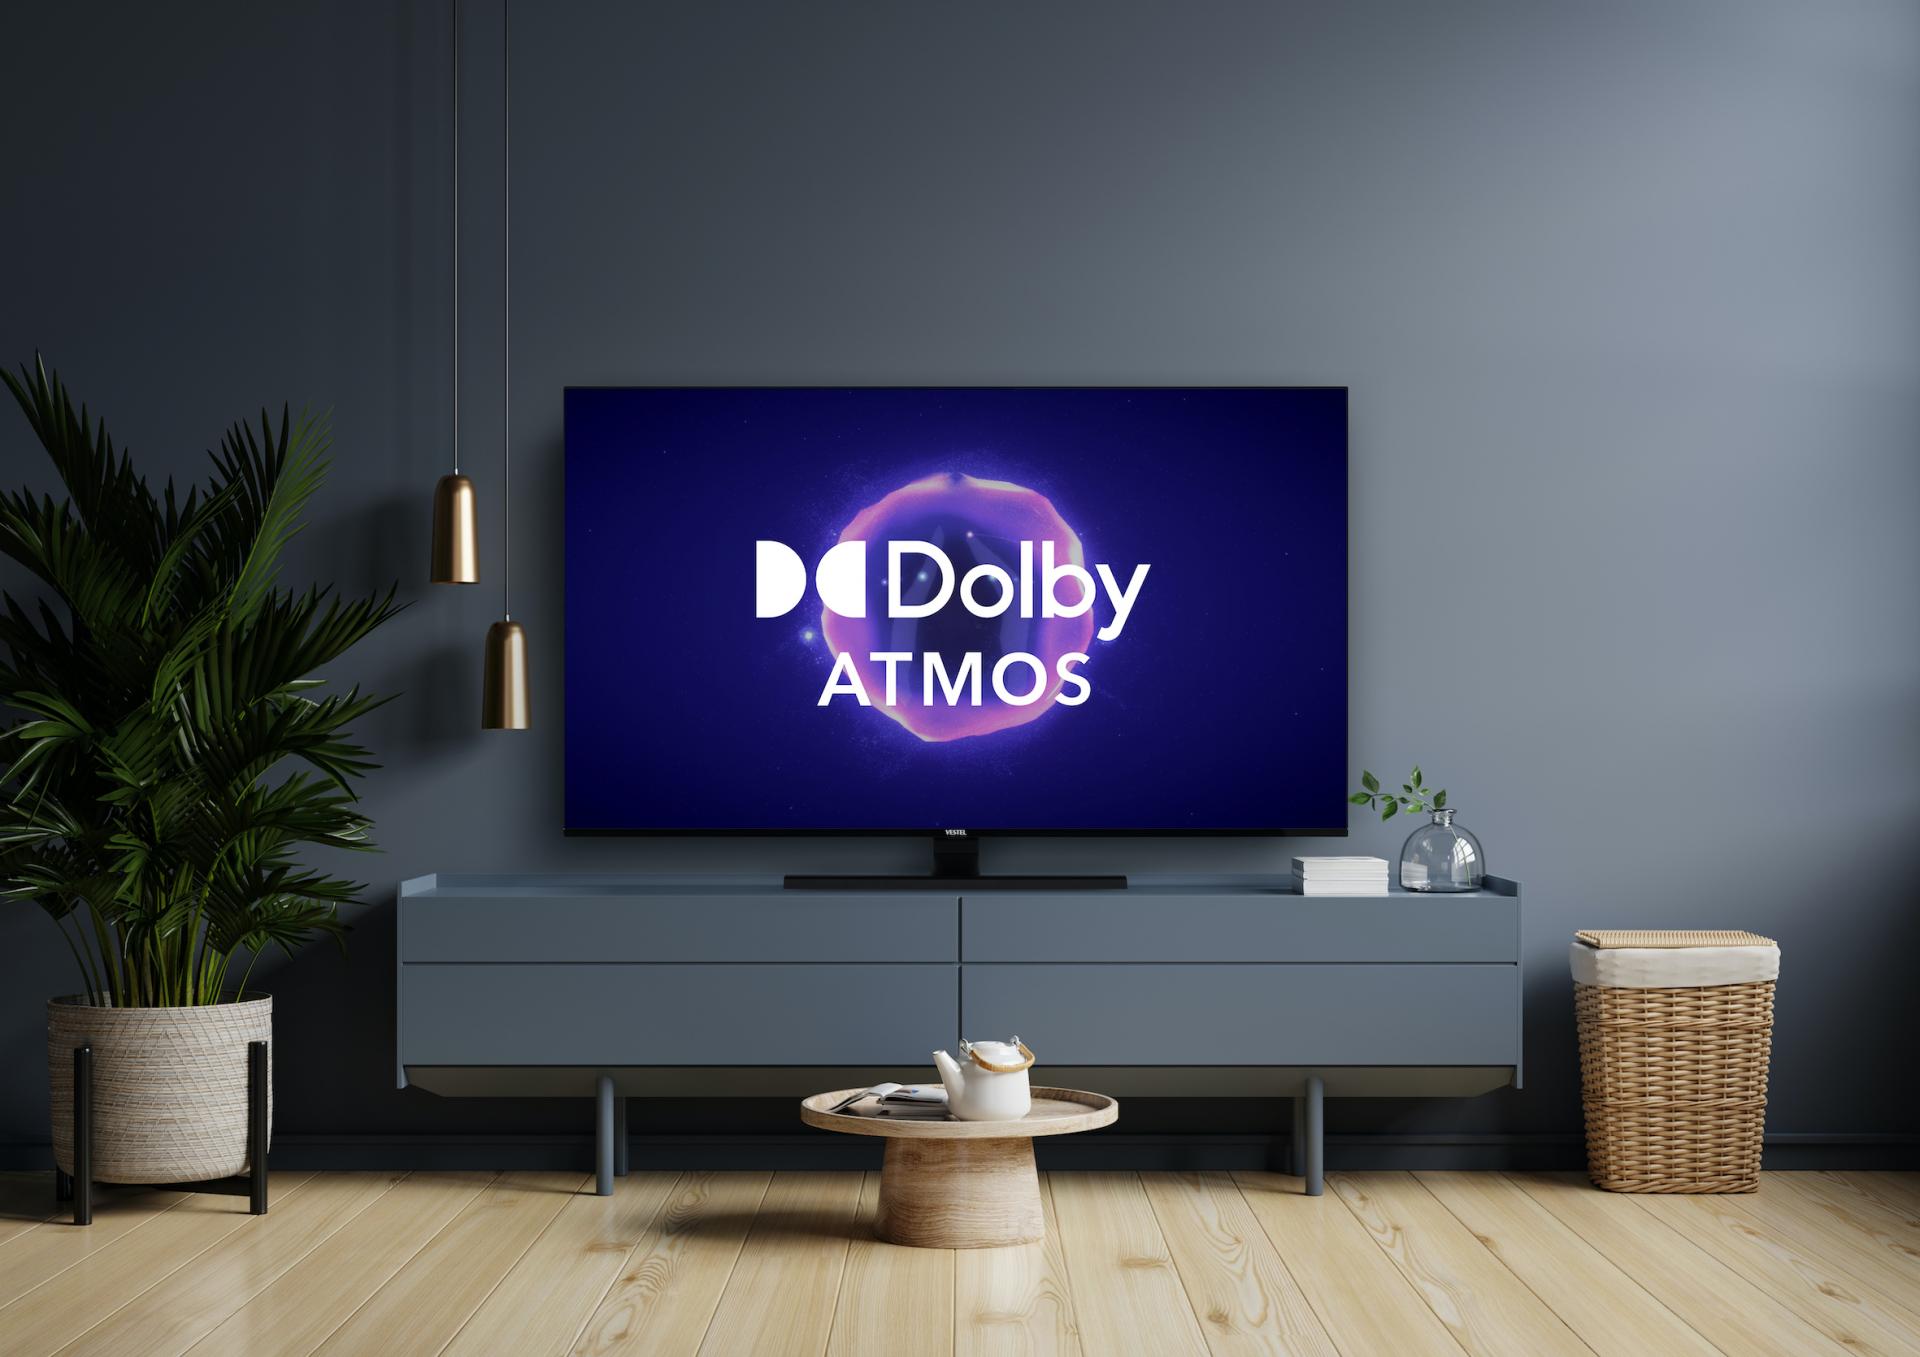 Vestel stattet mehr TV-Modelle mit Dolby Atmos aus